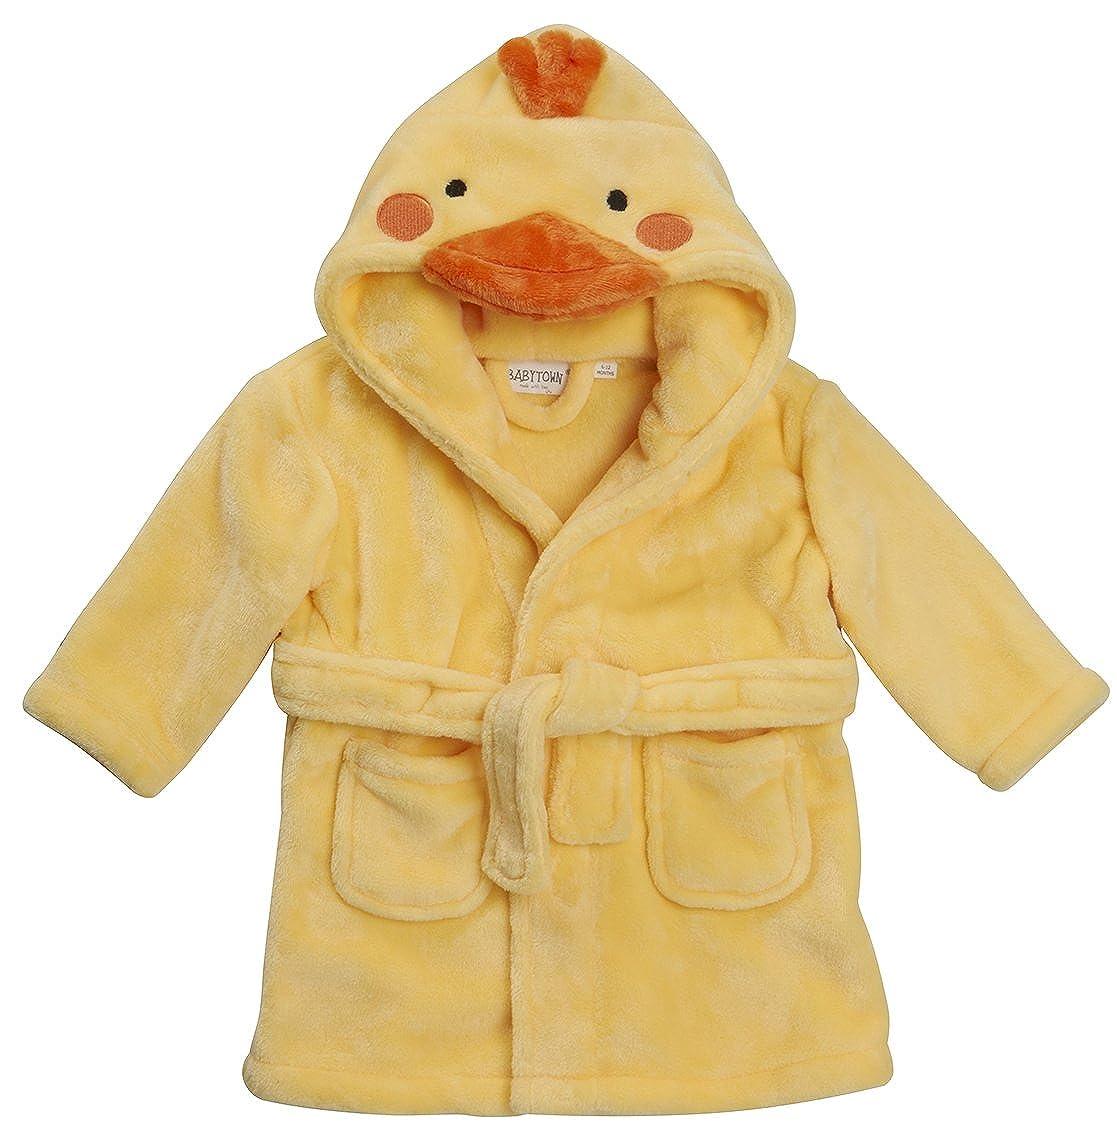 Bambino novità vestaglia Baby Mouse Panda Duck Face con cappuccio dettaglio 6-12 12-18 18-24